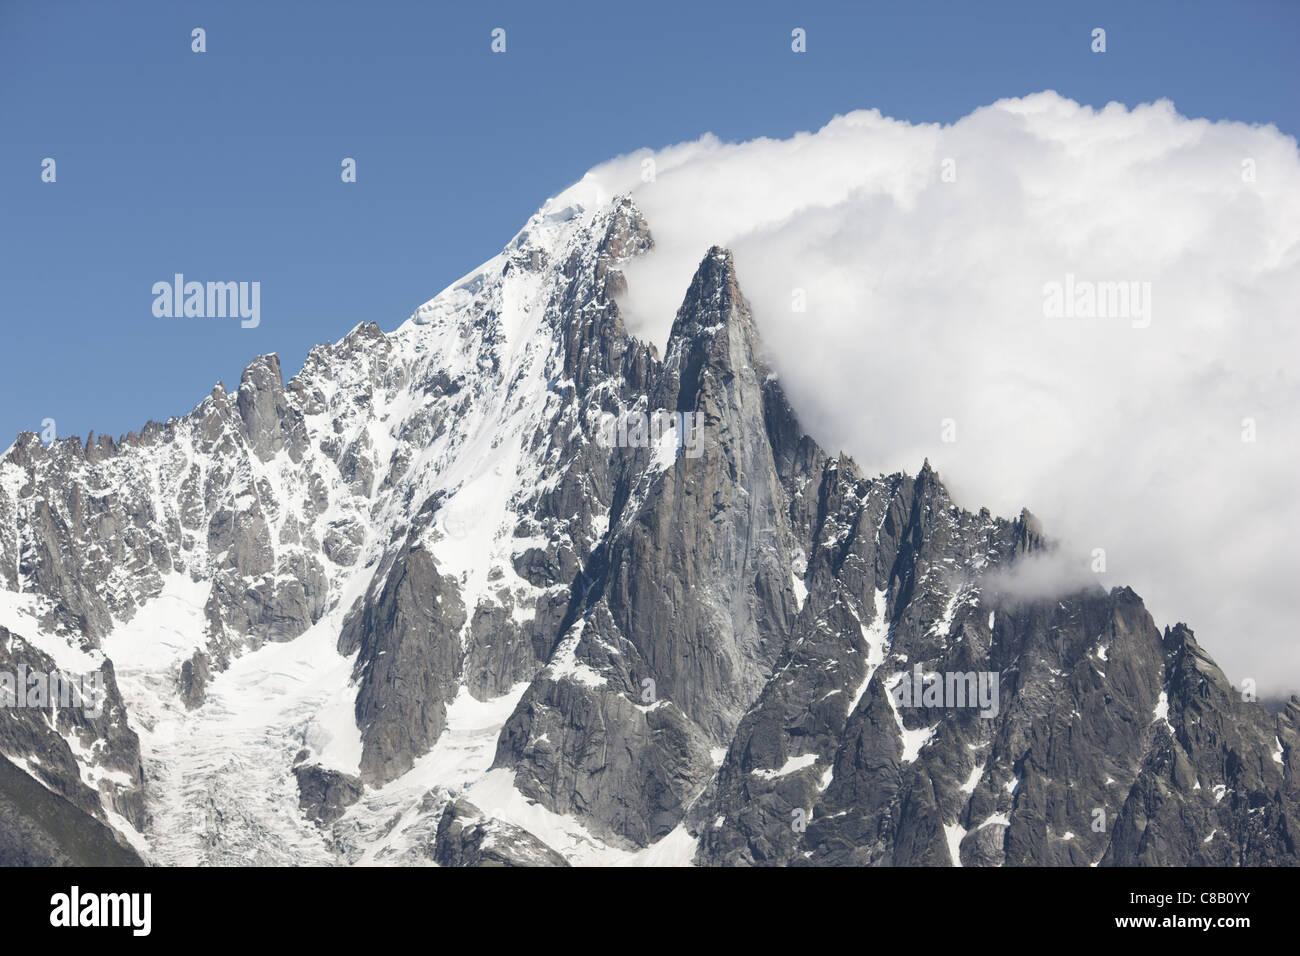 La Aiguille Verte (4122m) y LES DRUS (3754m) en el macizo del Mont Blanc. Una baja presión a sotavento desencadena Imagen De Stock